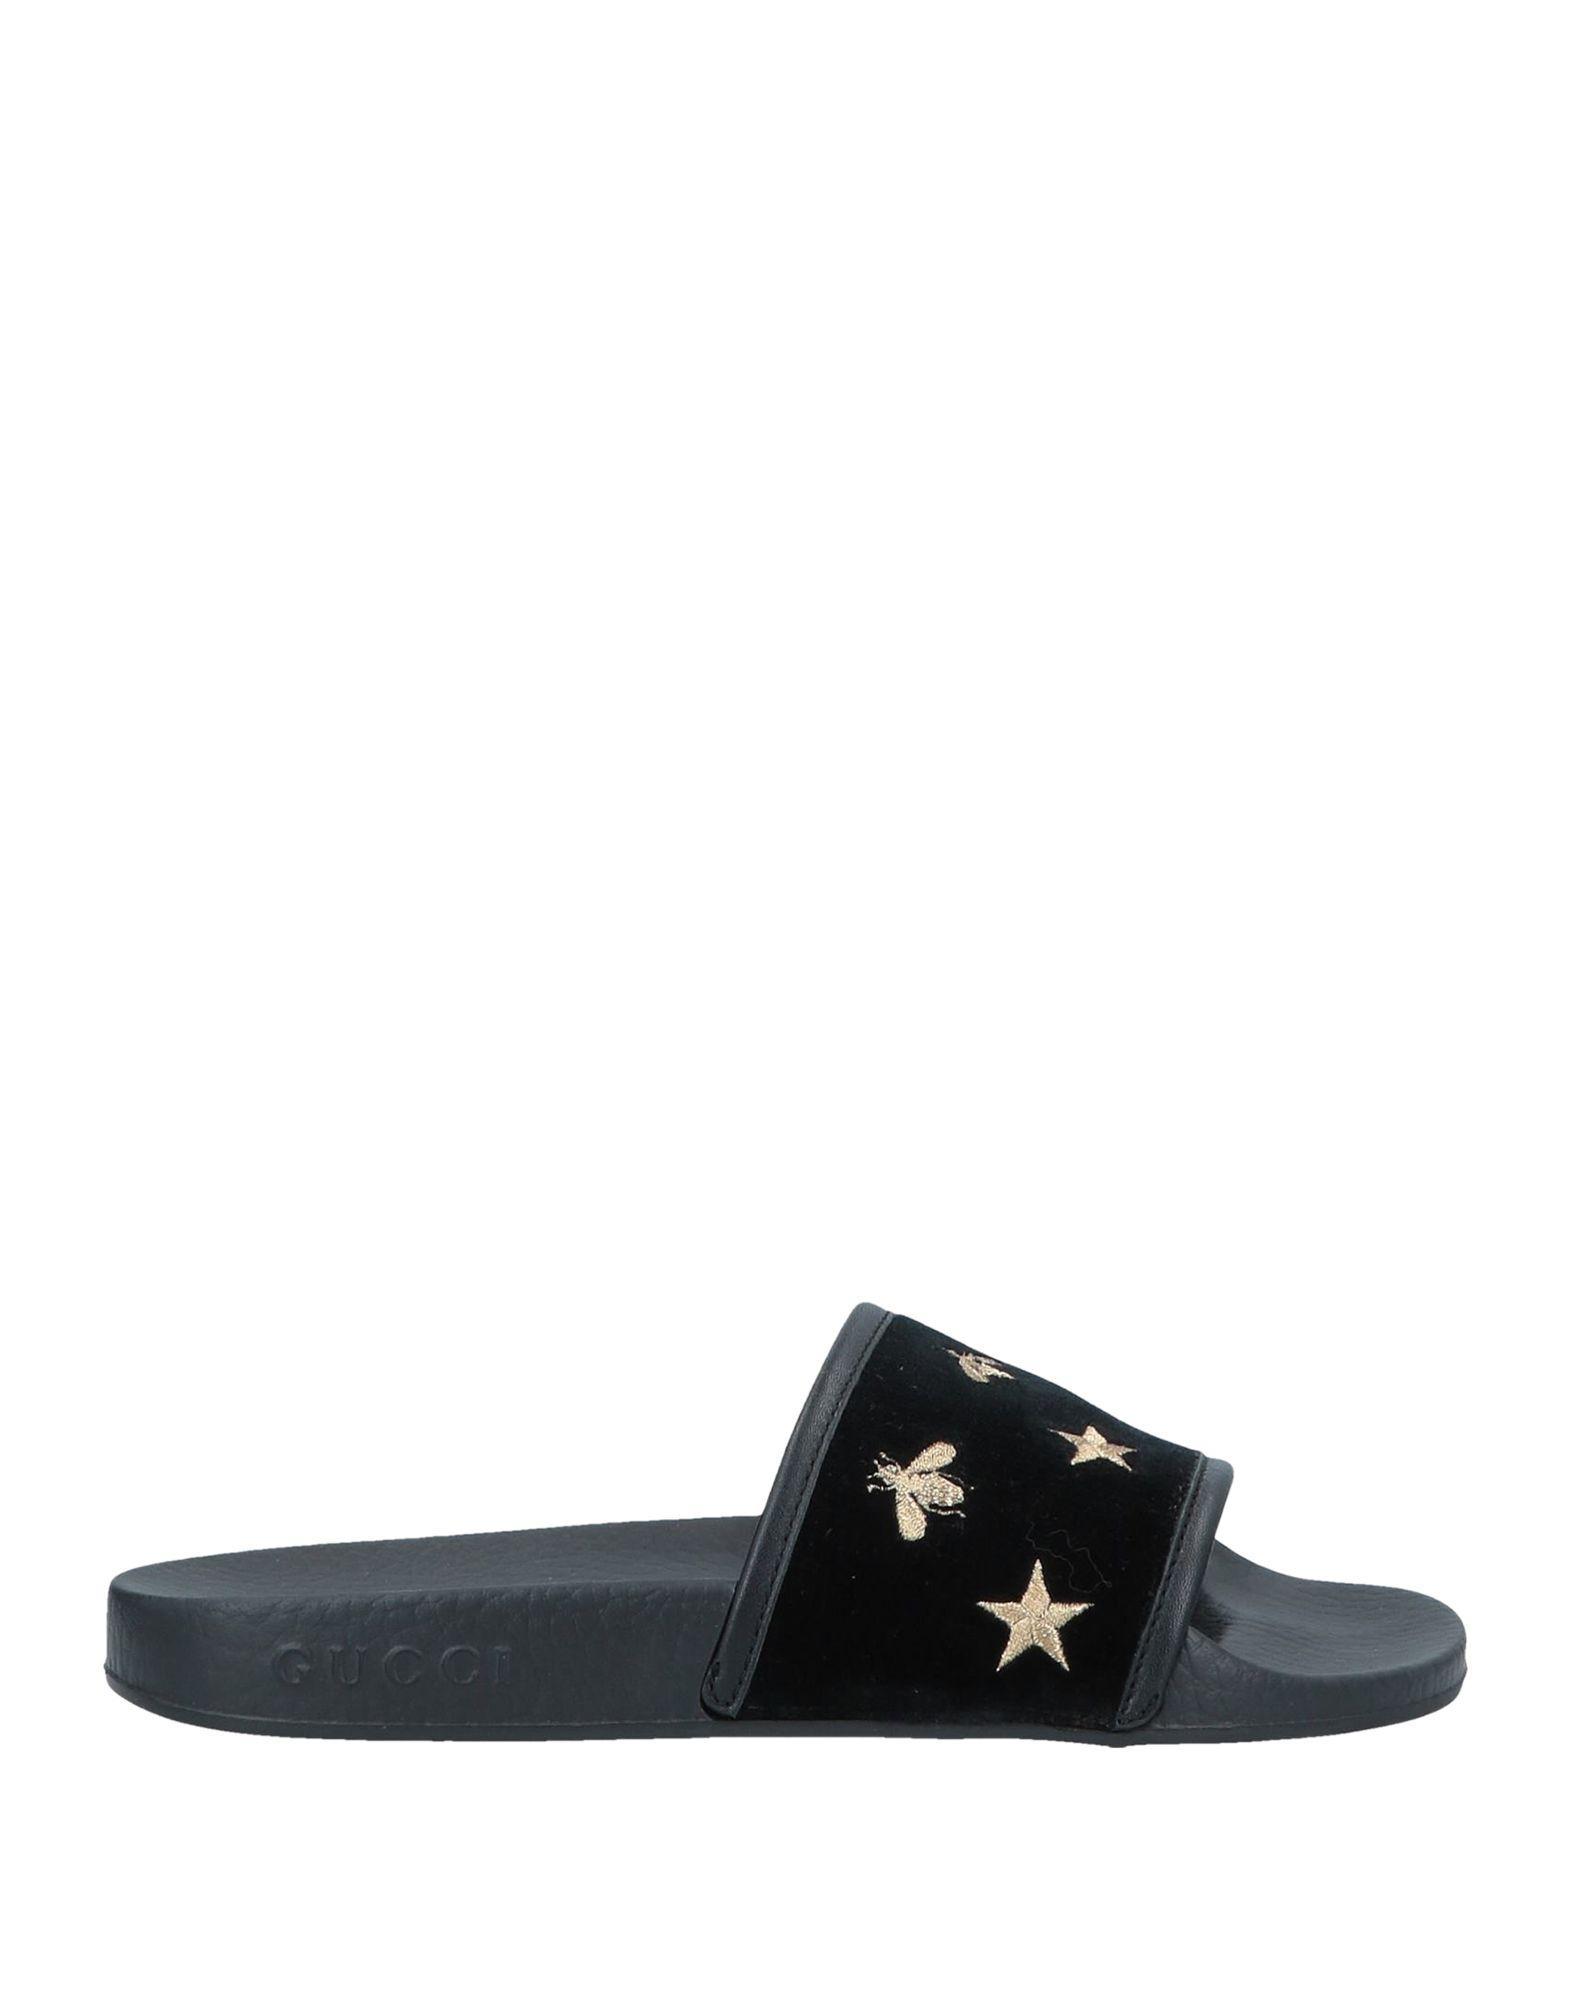 898a451910873e Lyst - Gucci Sandals in Black - Save 34%